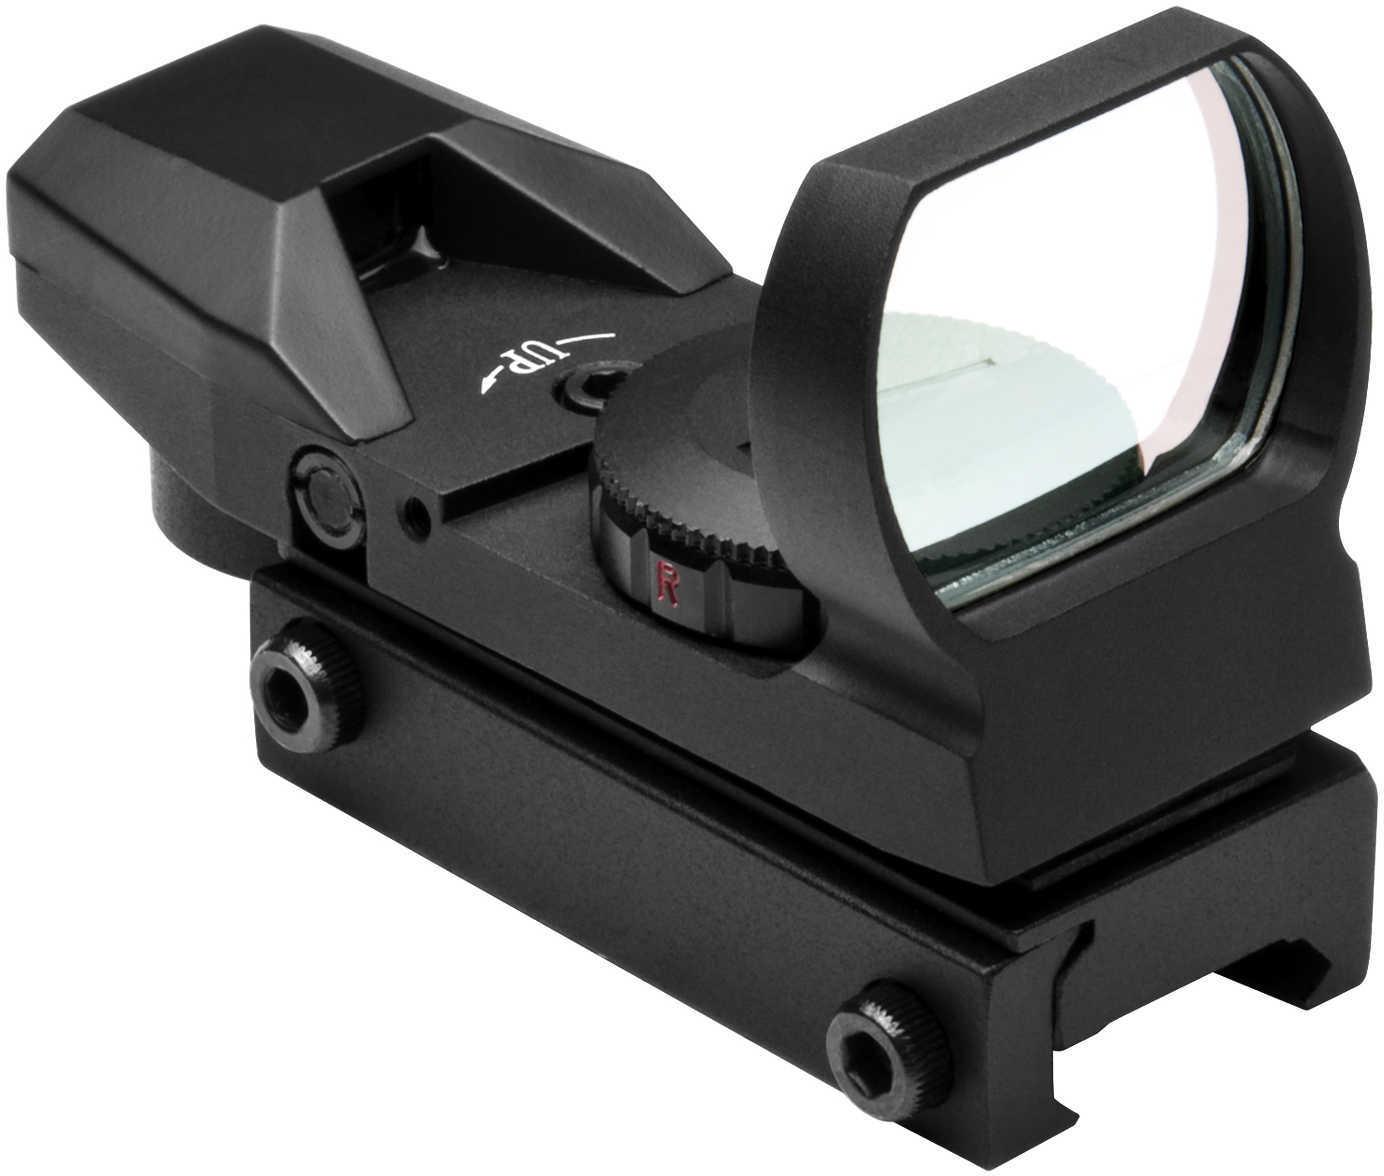 Red/Green Dot Reflex Sight Black Md: D4RGB